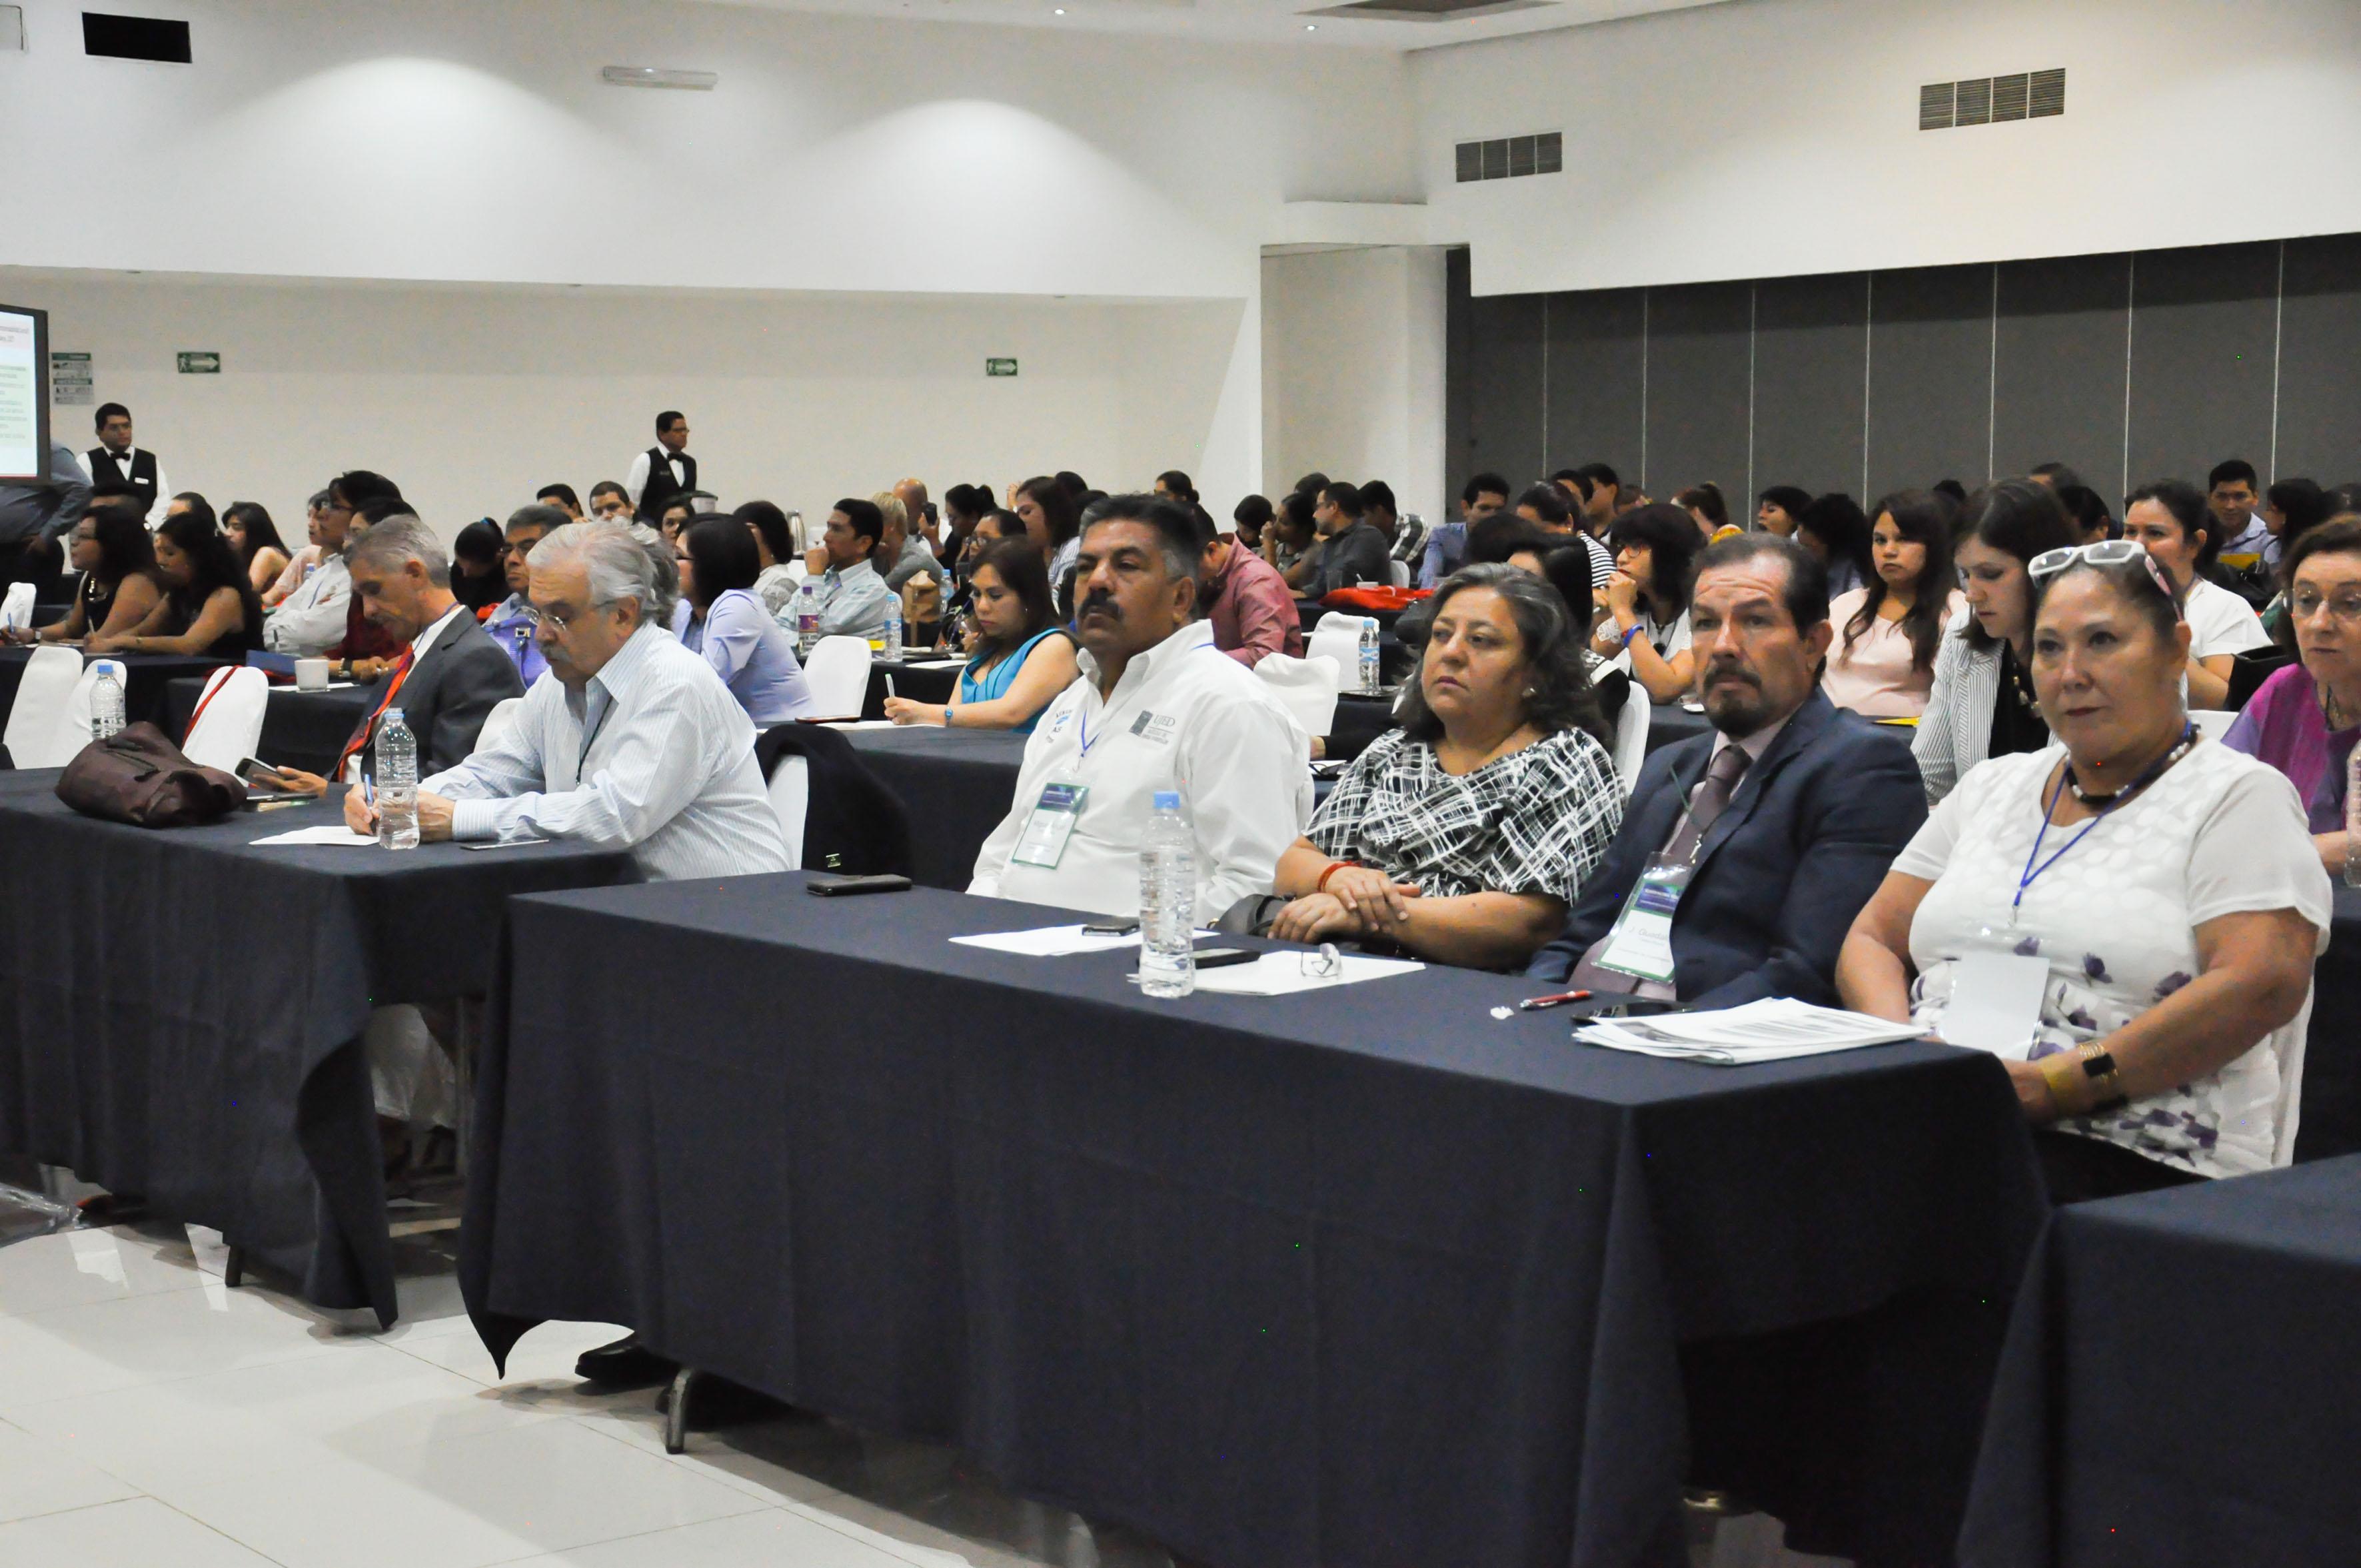 """Representantes de universidades de más de 25 estados del país, asistentes a la Reunión Nacional Peraj 2017 """"Juntos somos más fuertes""""."""